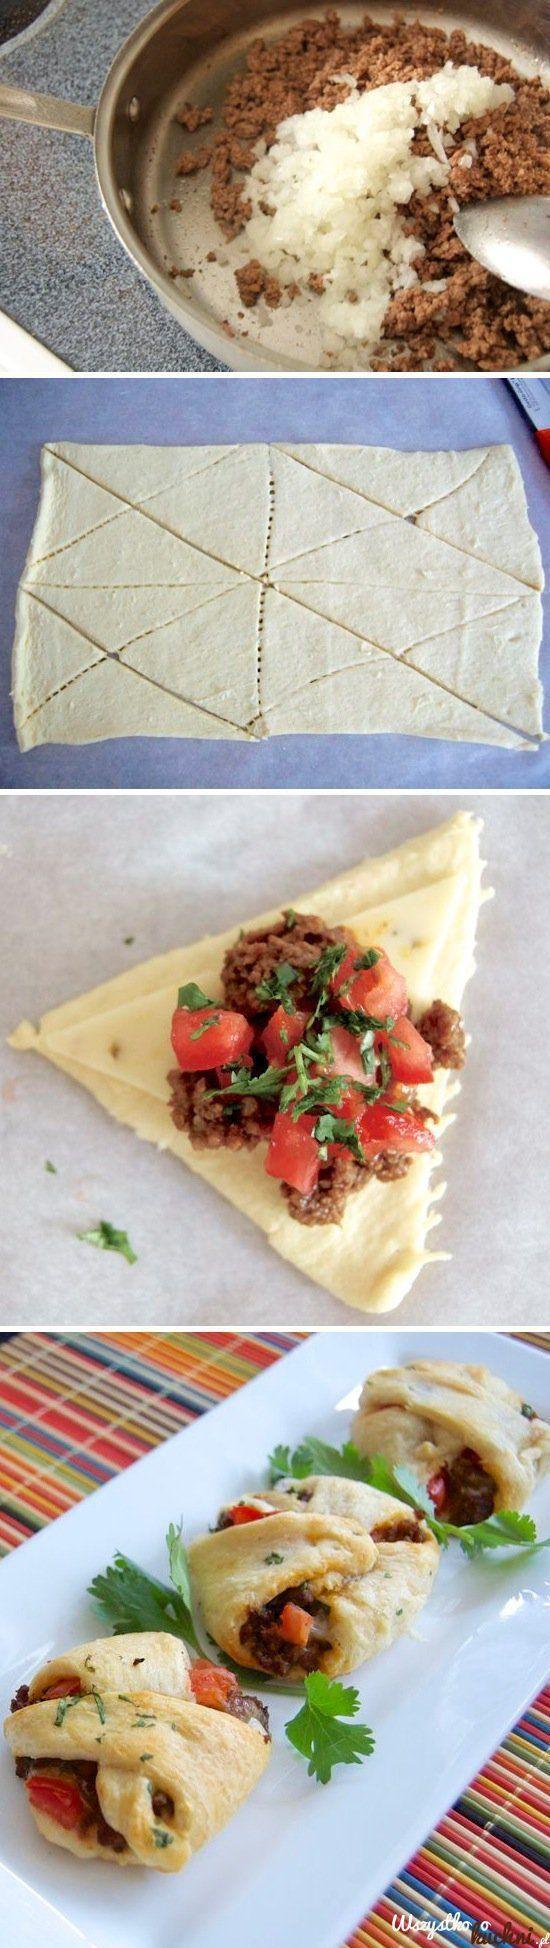 Zobacz jak zrobić francuskie bułeczki z mięsem mielonym i pomidorami...